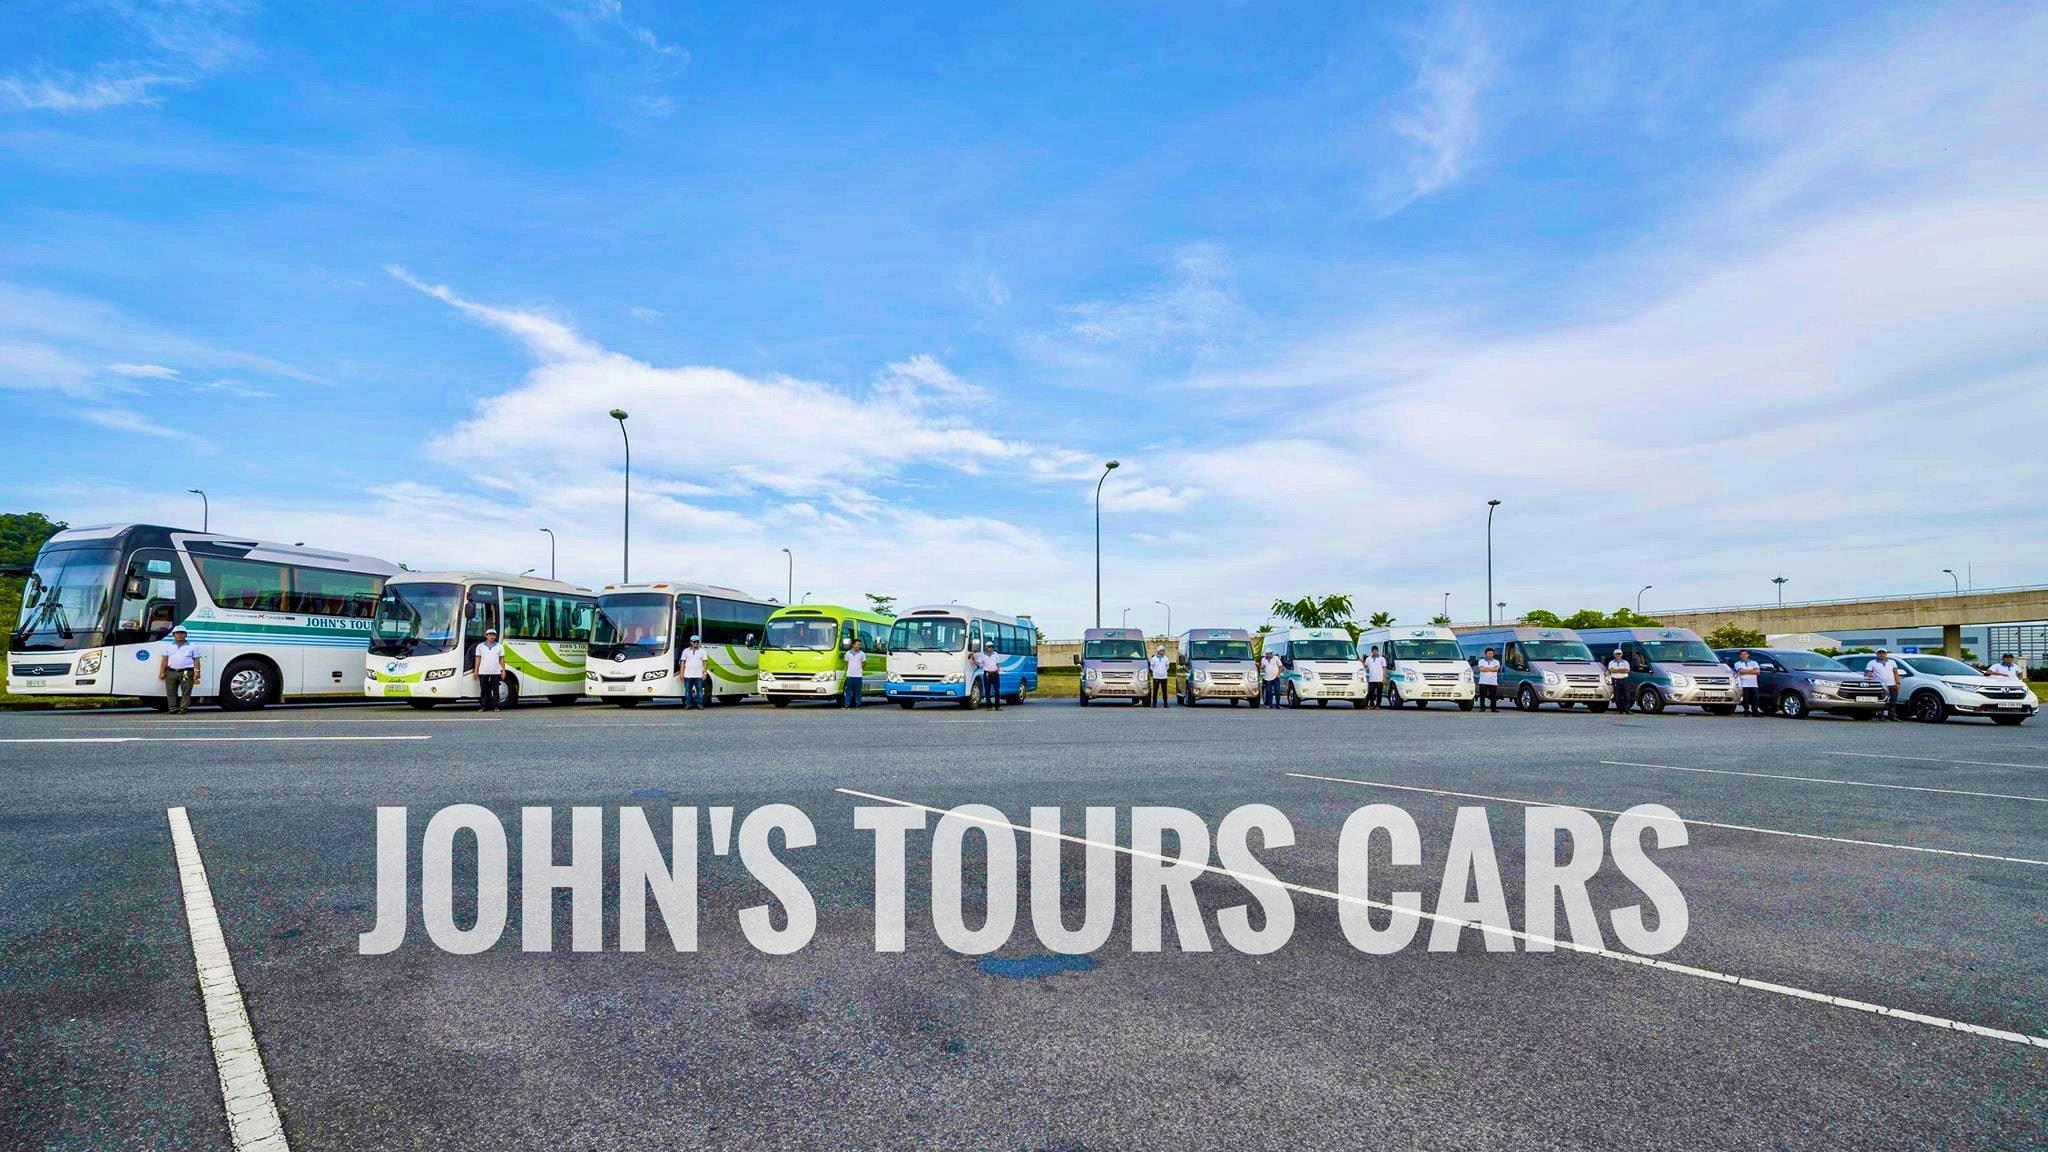 Hình 1 - Đội xe công ty John's Tours